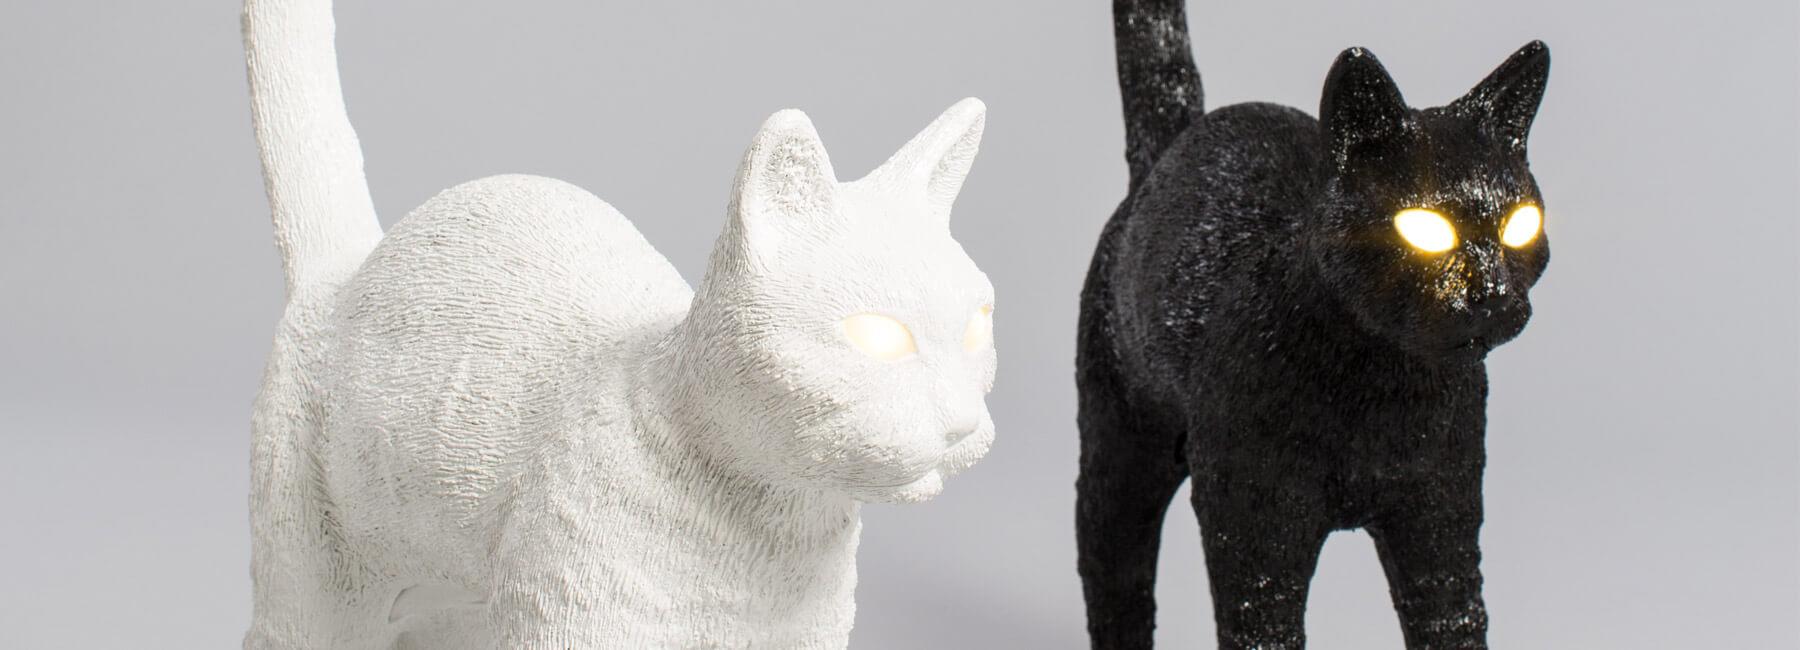 cat-shaped lamp 1 (1)